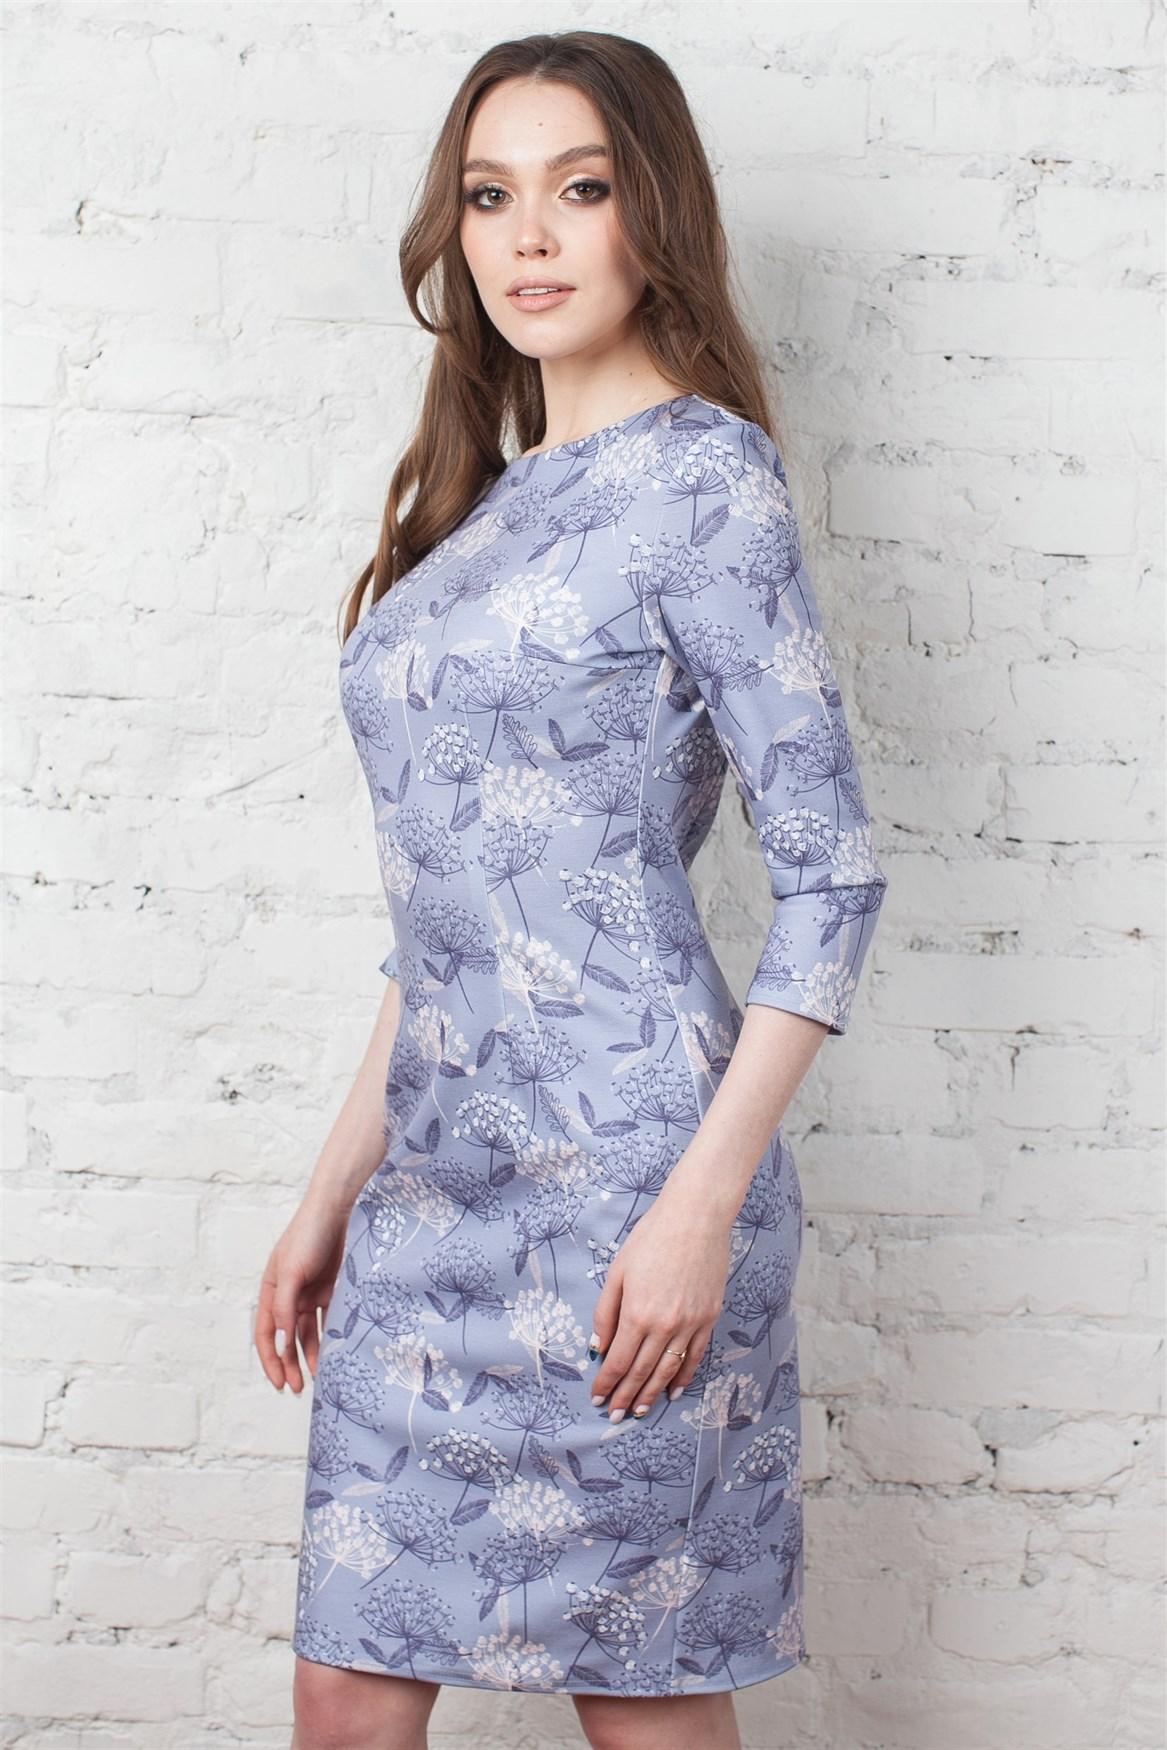 104-11 Платье - фото 12004